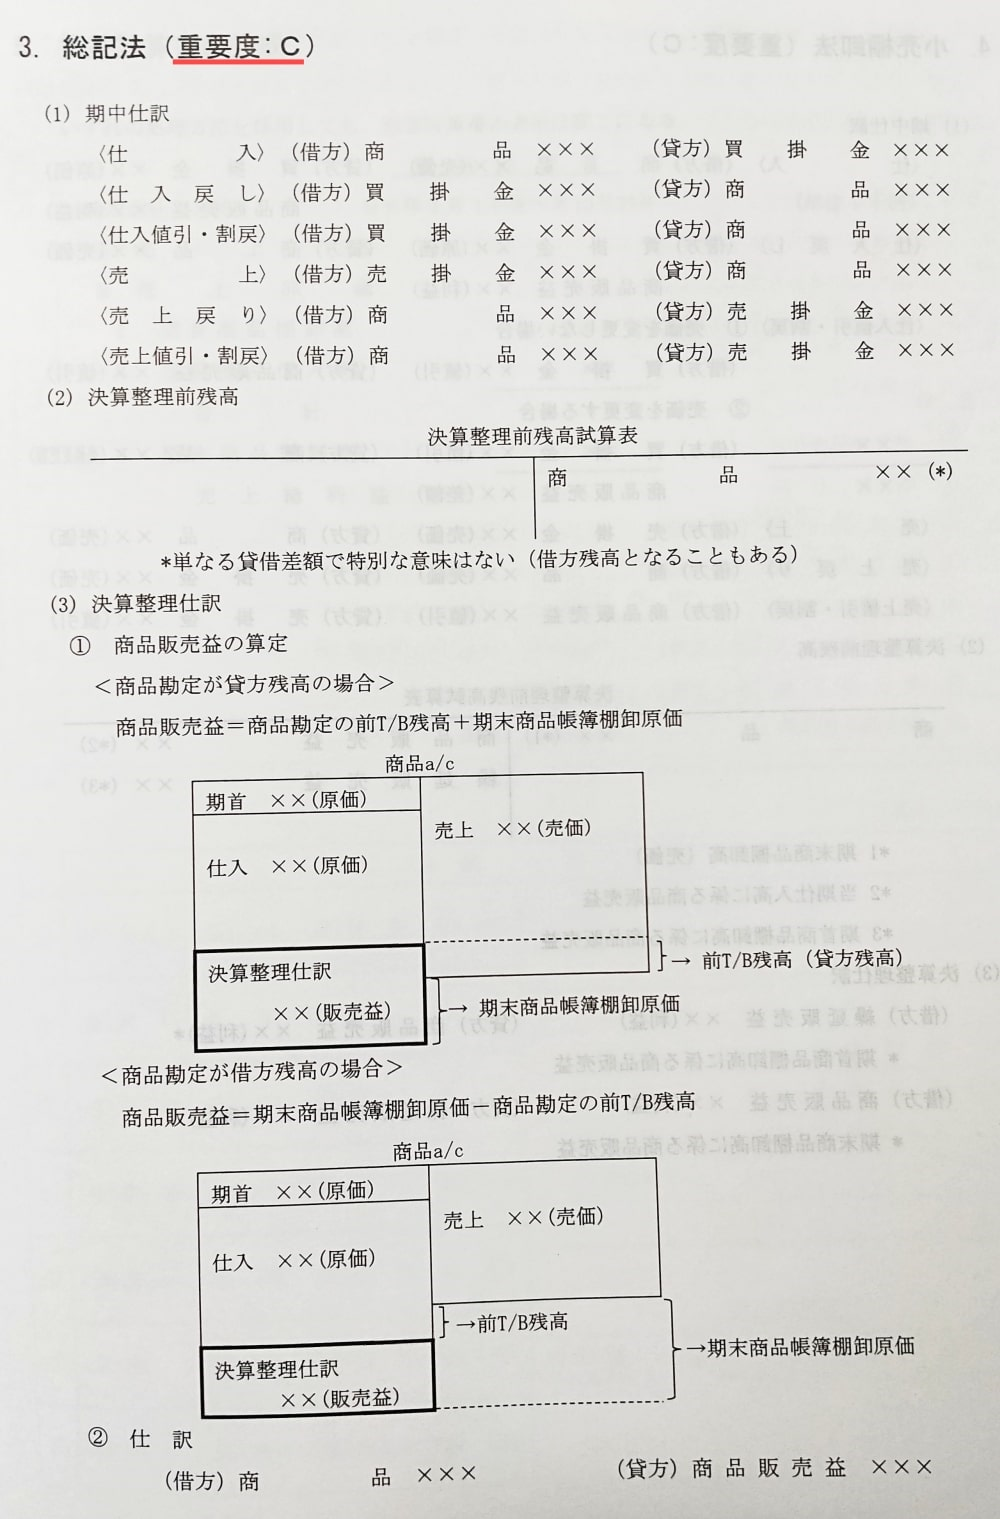 クレアールの財務会計論テキスト(総記法)①